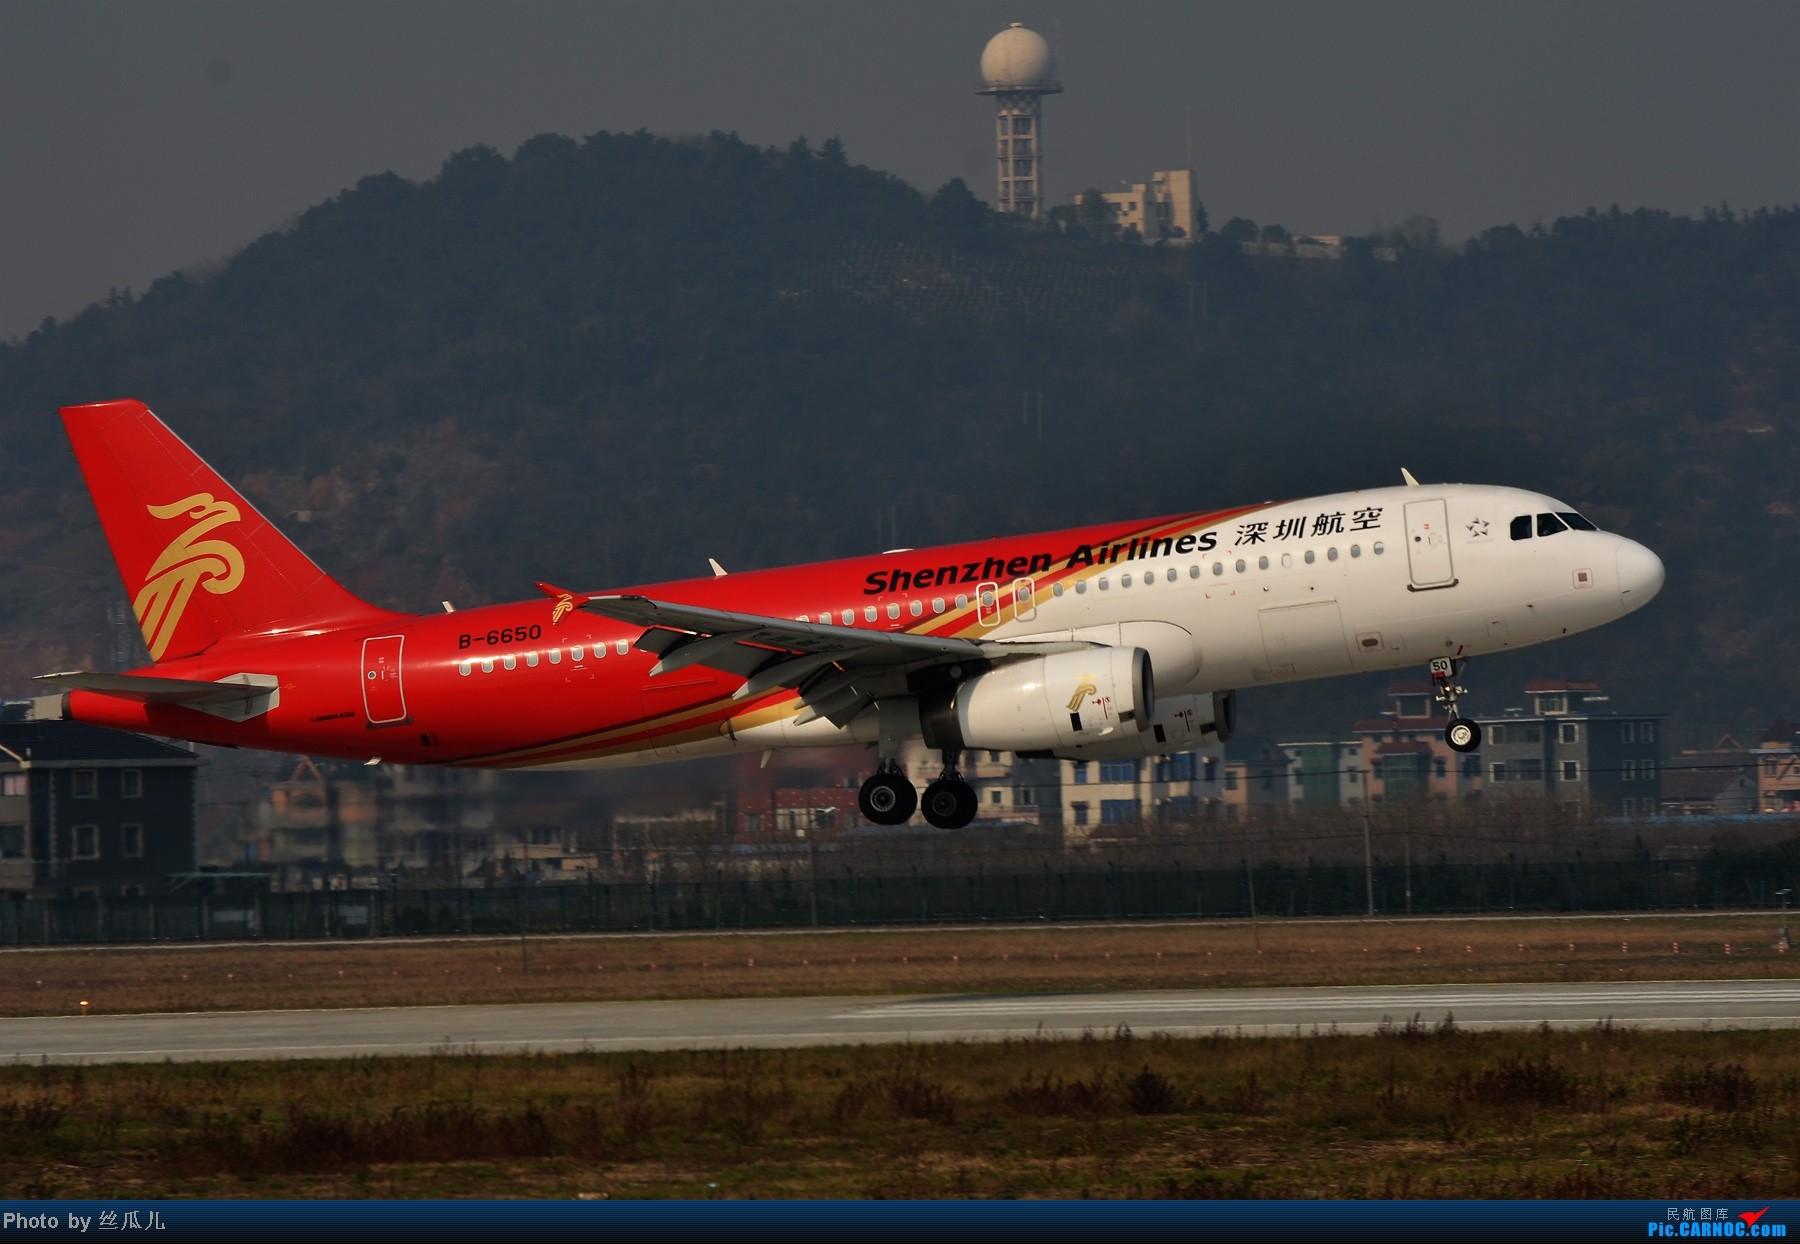 Re:[原创]【HGH二跑】话说如今的二跑有了制高点--趁今天雾霾好转一点赶紧去练练甩腰--今日中午二跑拍机一小时全记录 AIRBUS A320-200 B-6650 中国杭州萧山机场